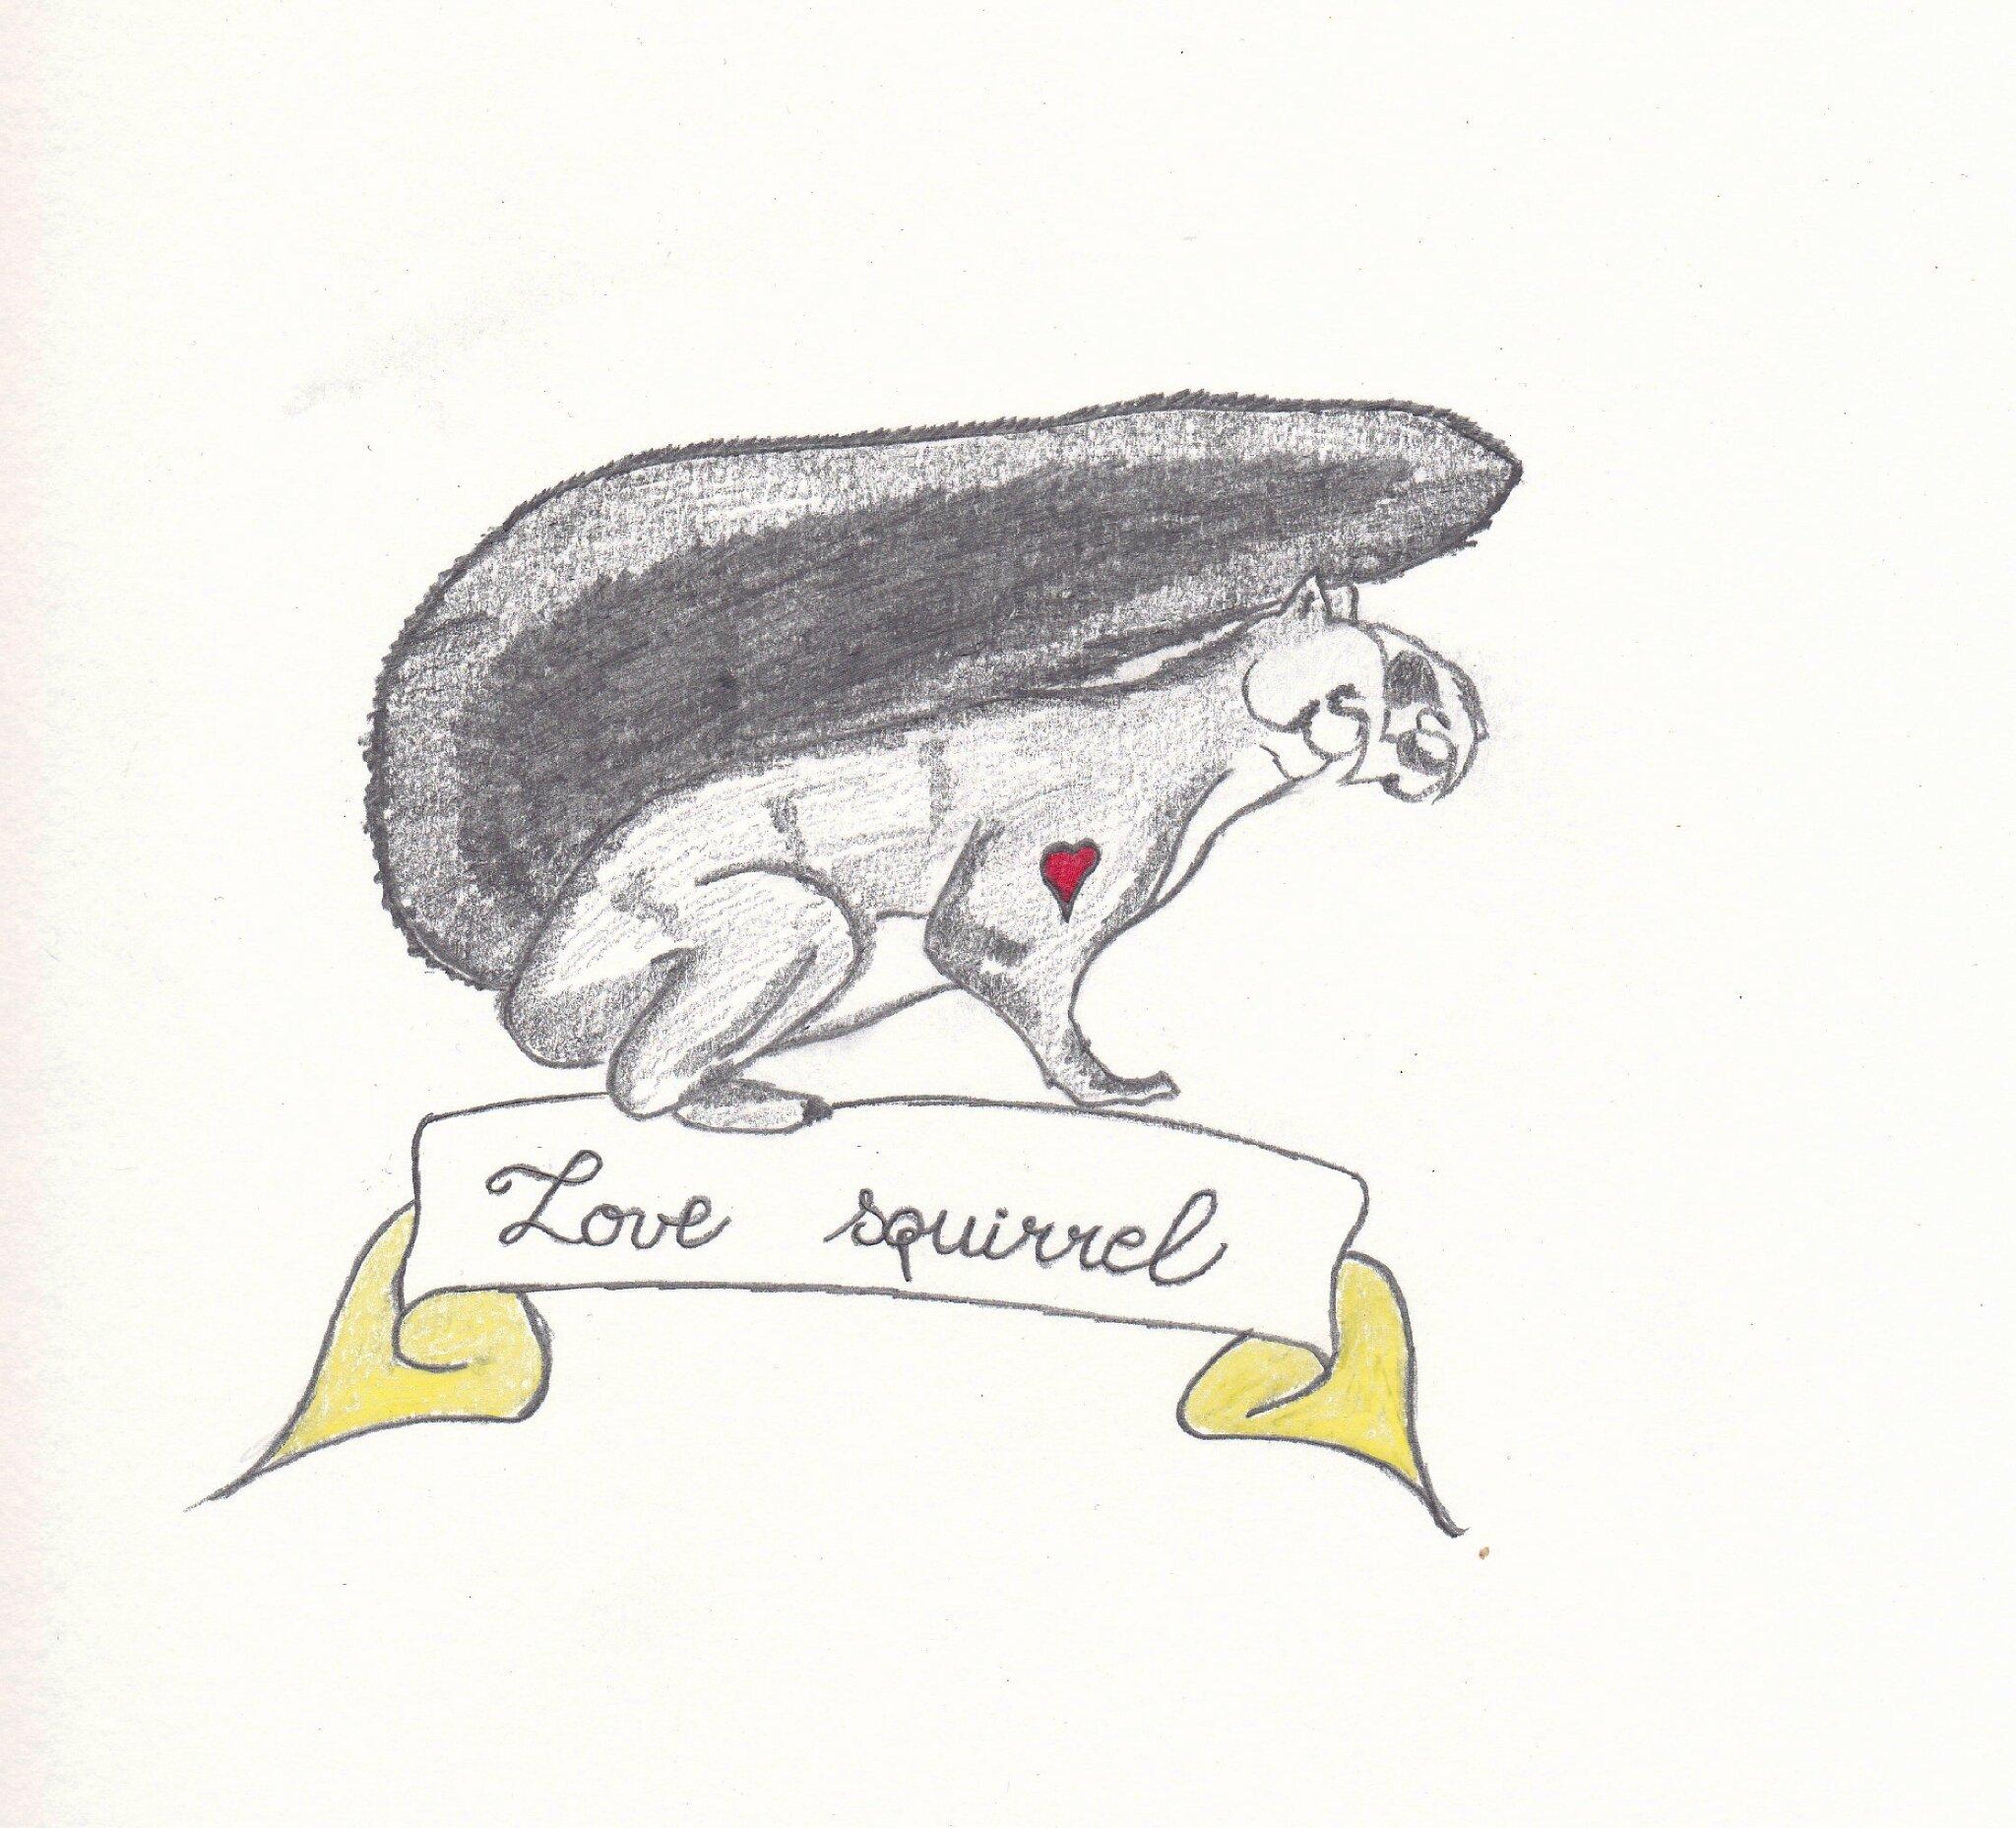 love squirrel